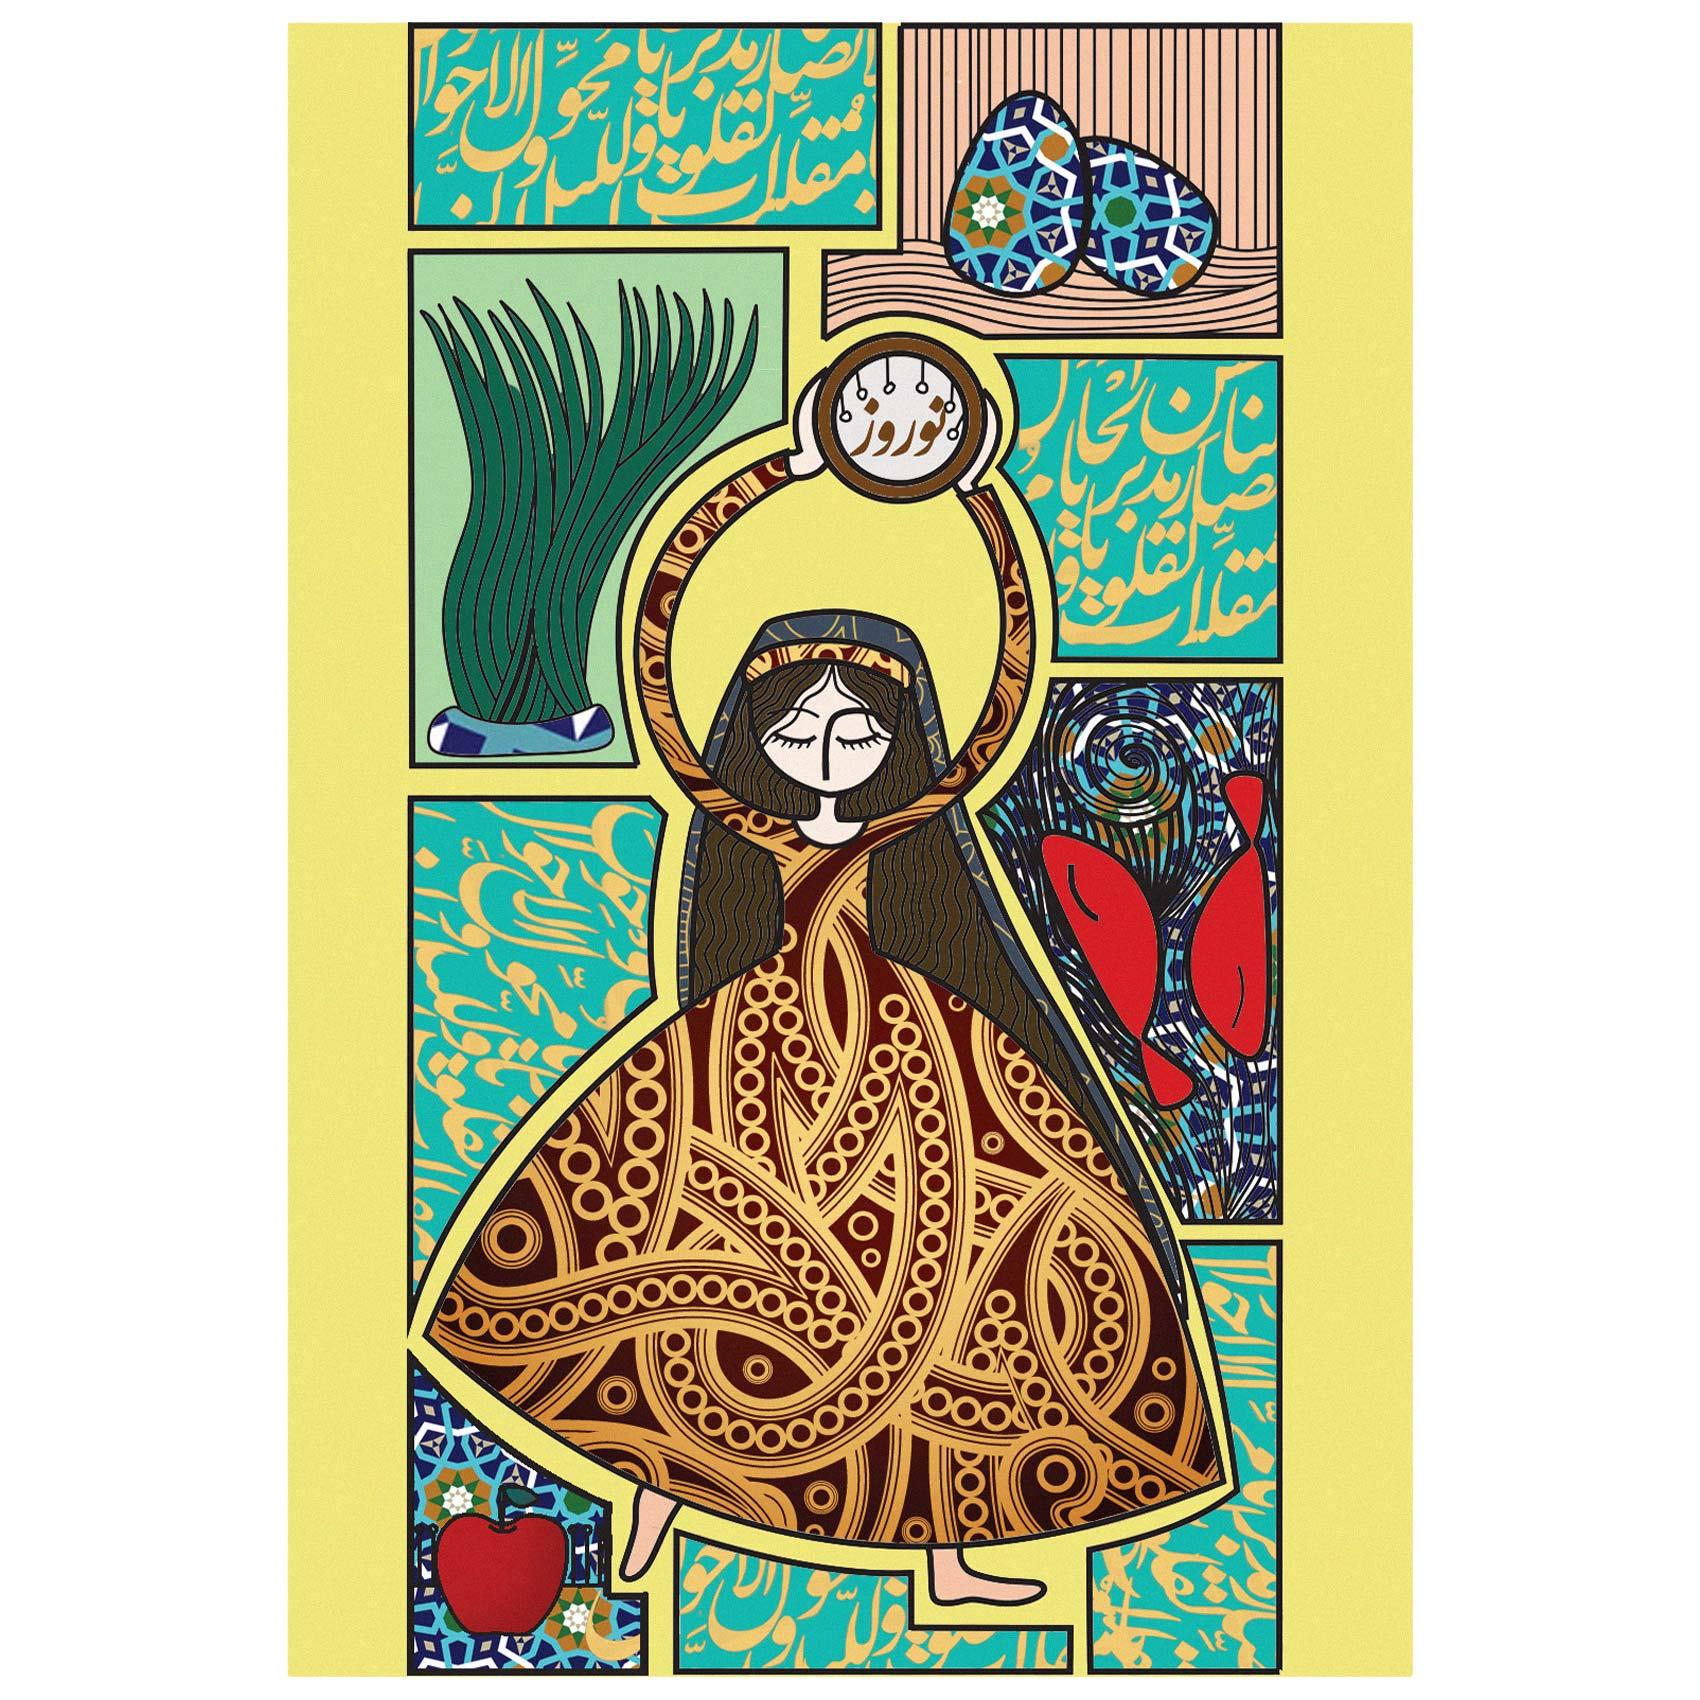 کارت پستال انتشارات سیبان مدل دختر نوروز